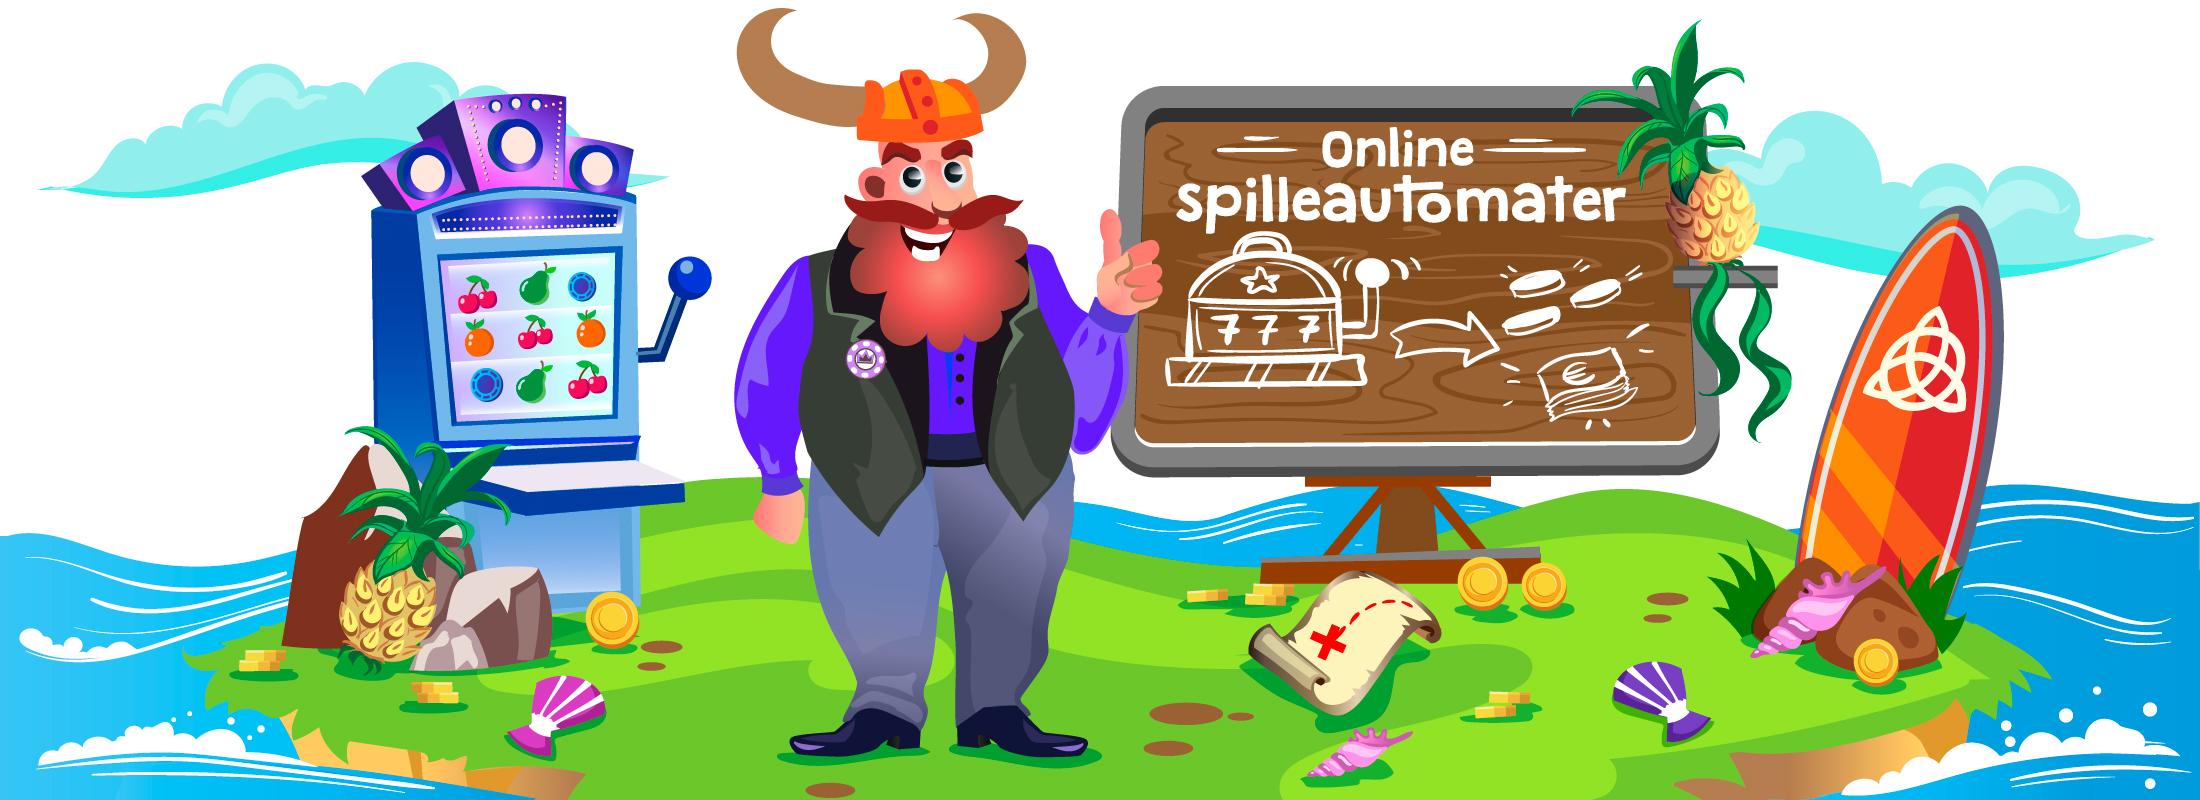 Kurs 3: Online spilleautomater